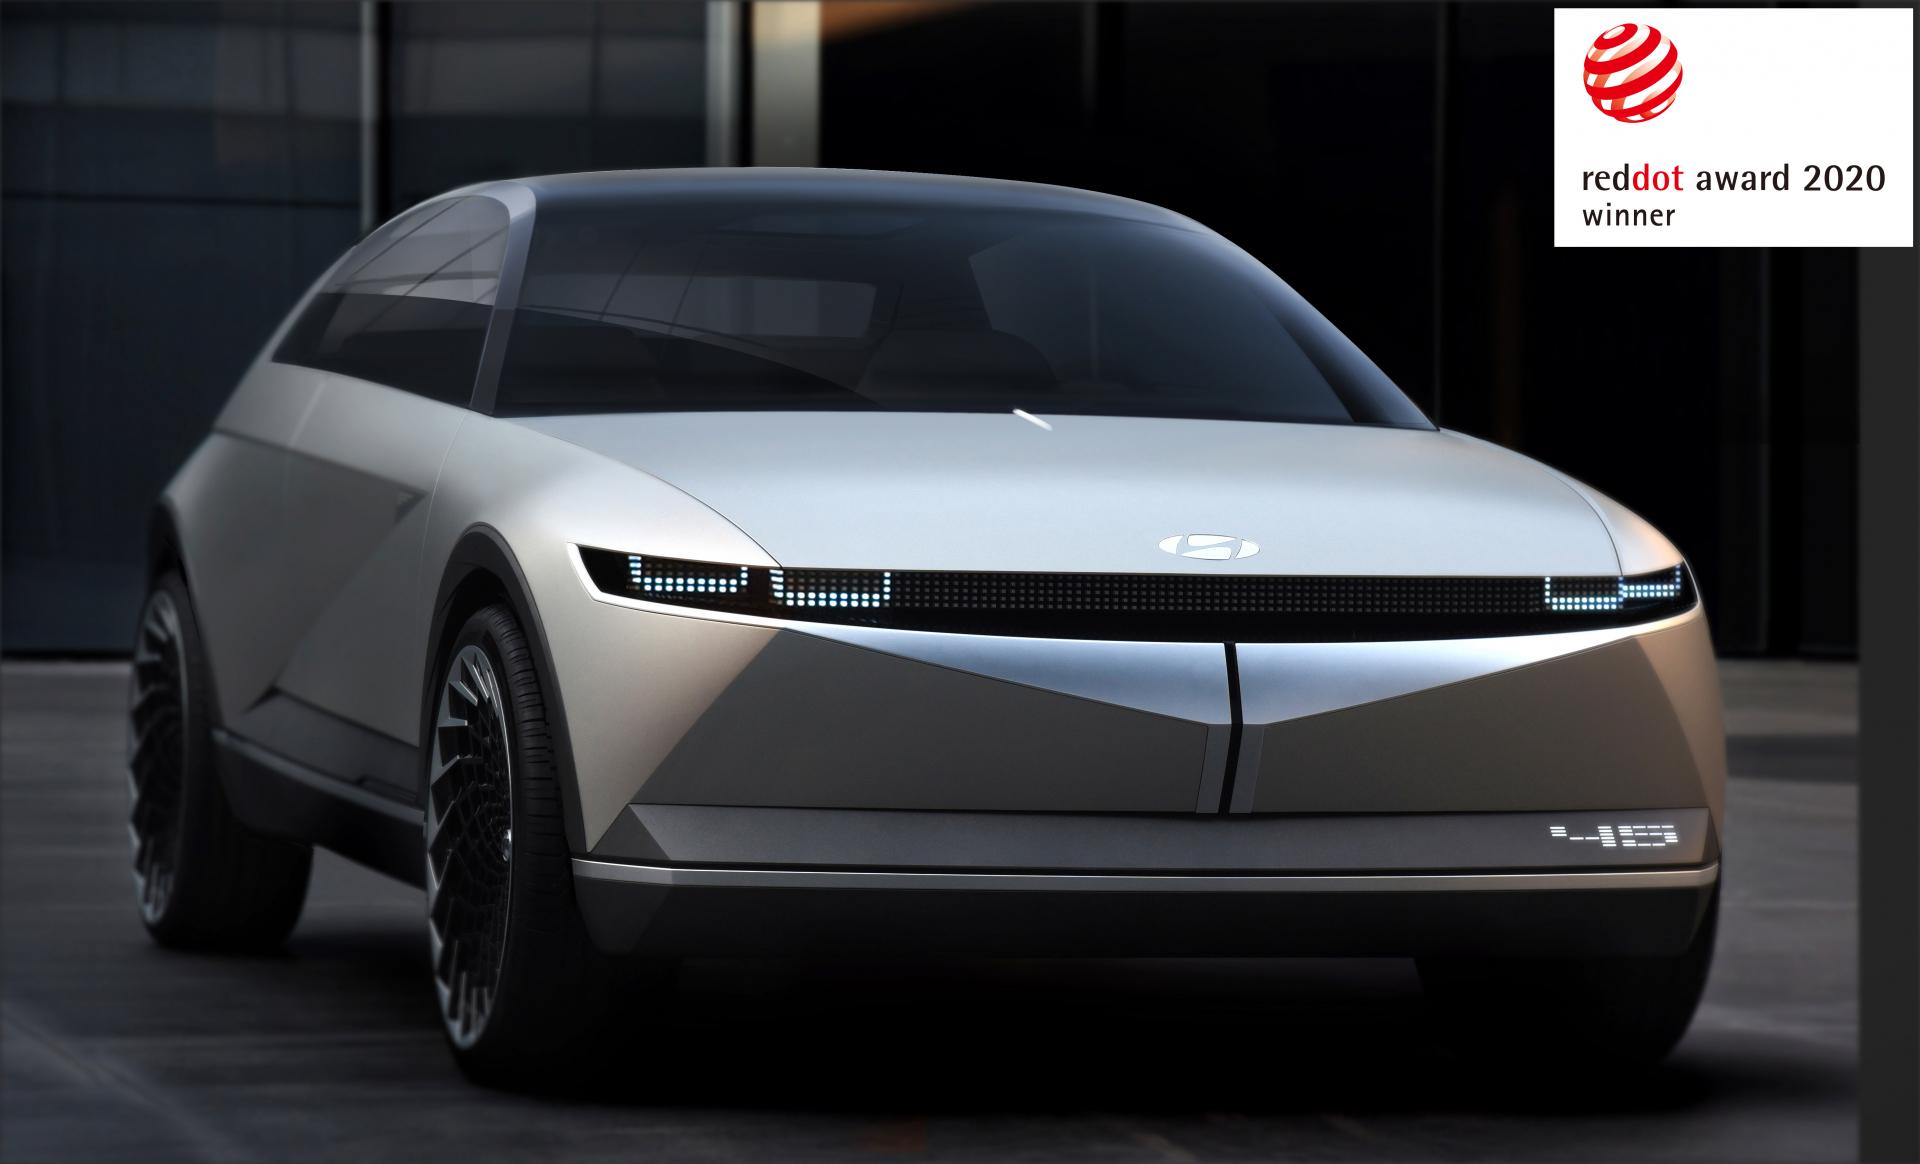 Компанія Hyundai Motor отримала три нагороди Red Dot Award 2020 за концептуальний дизайн   Техноцентр «Навигатор» - фото 9